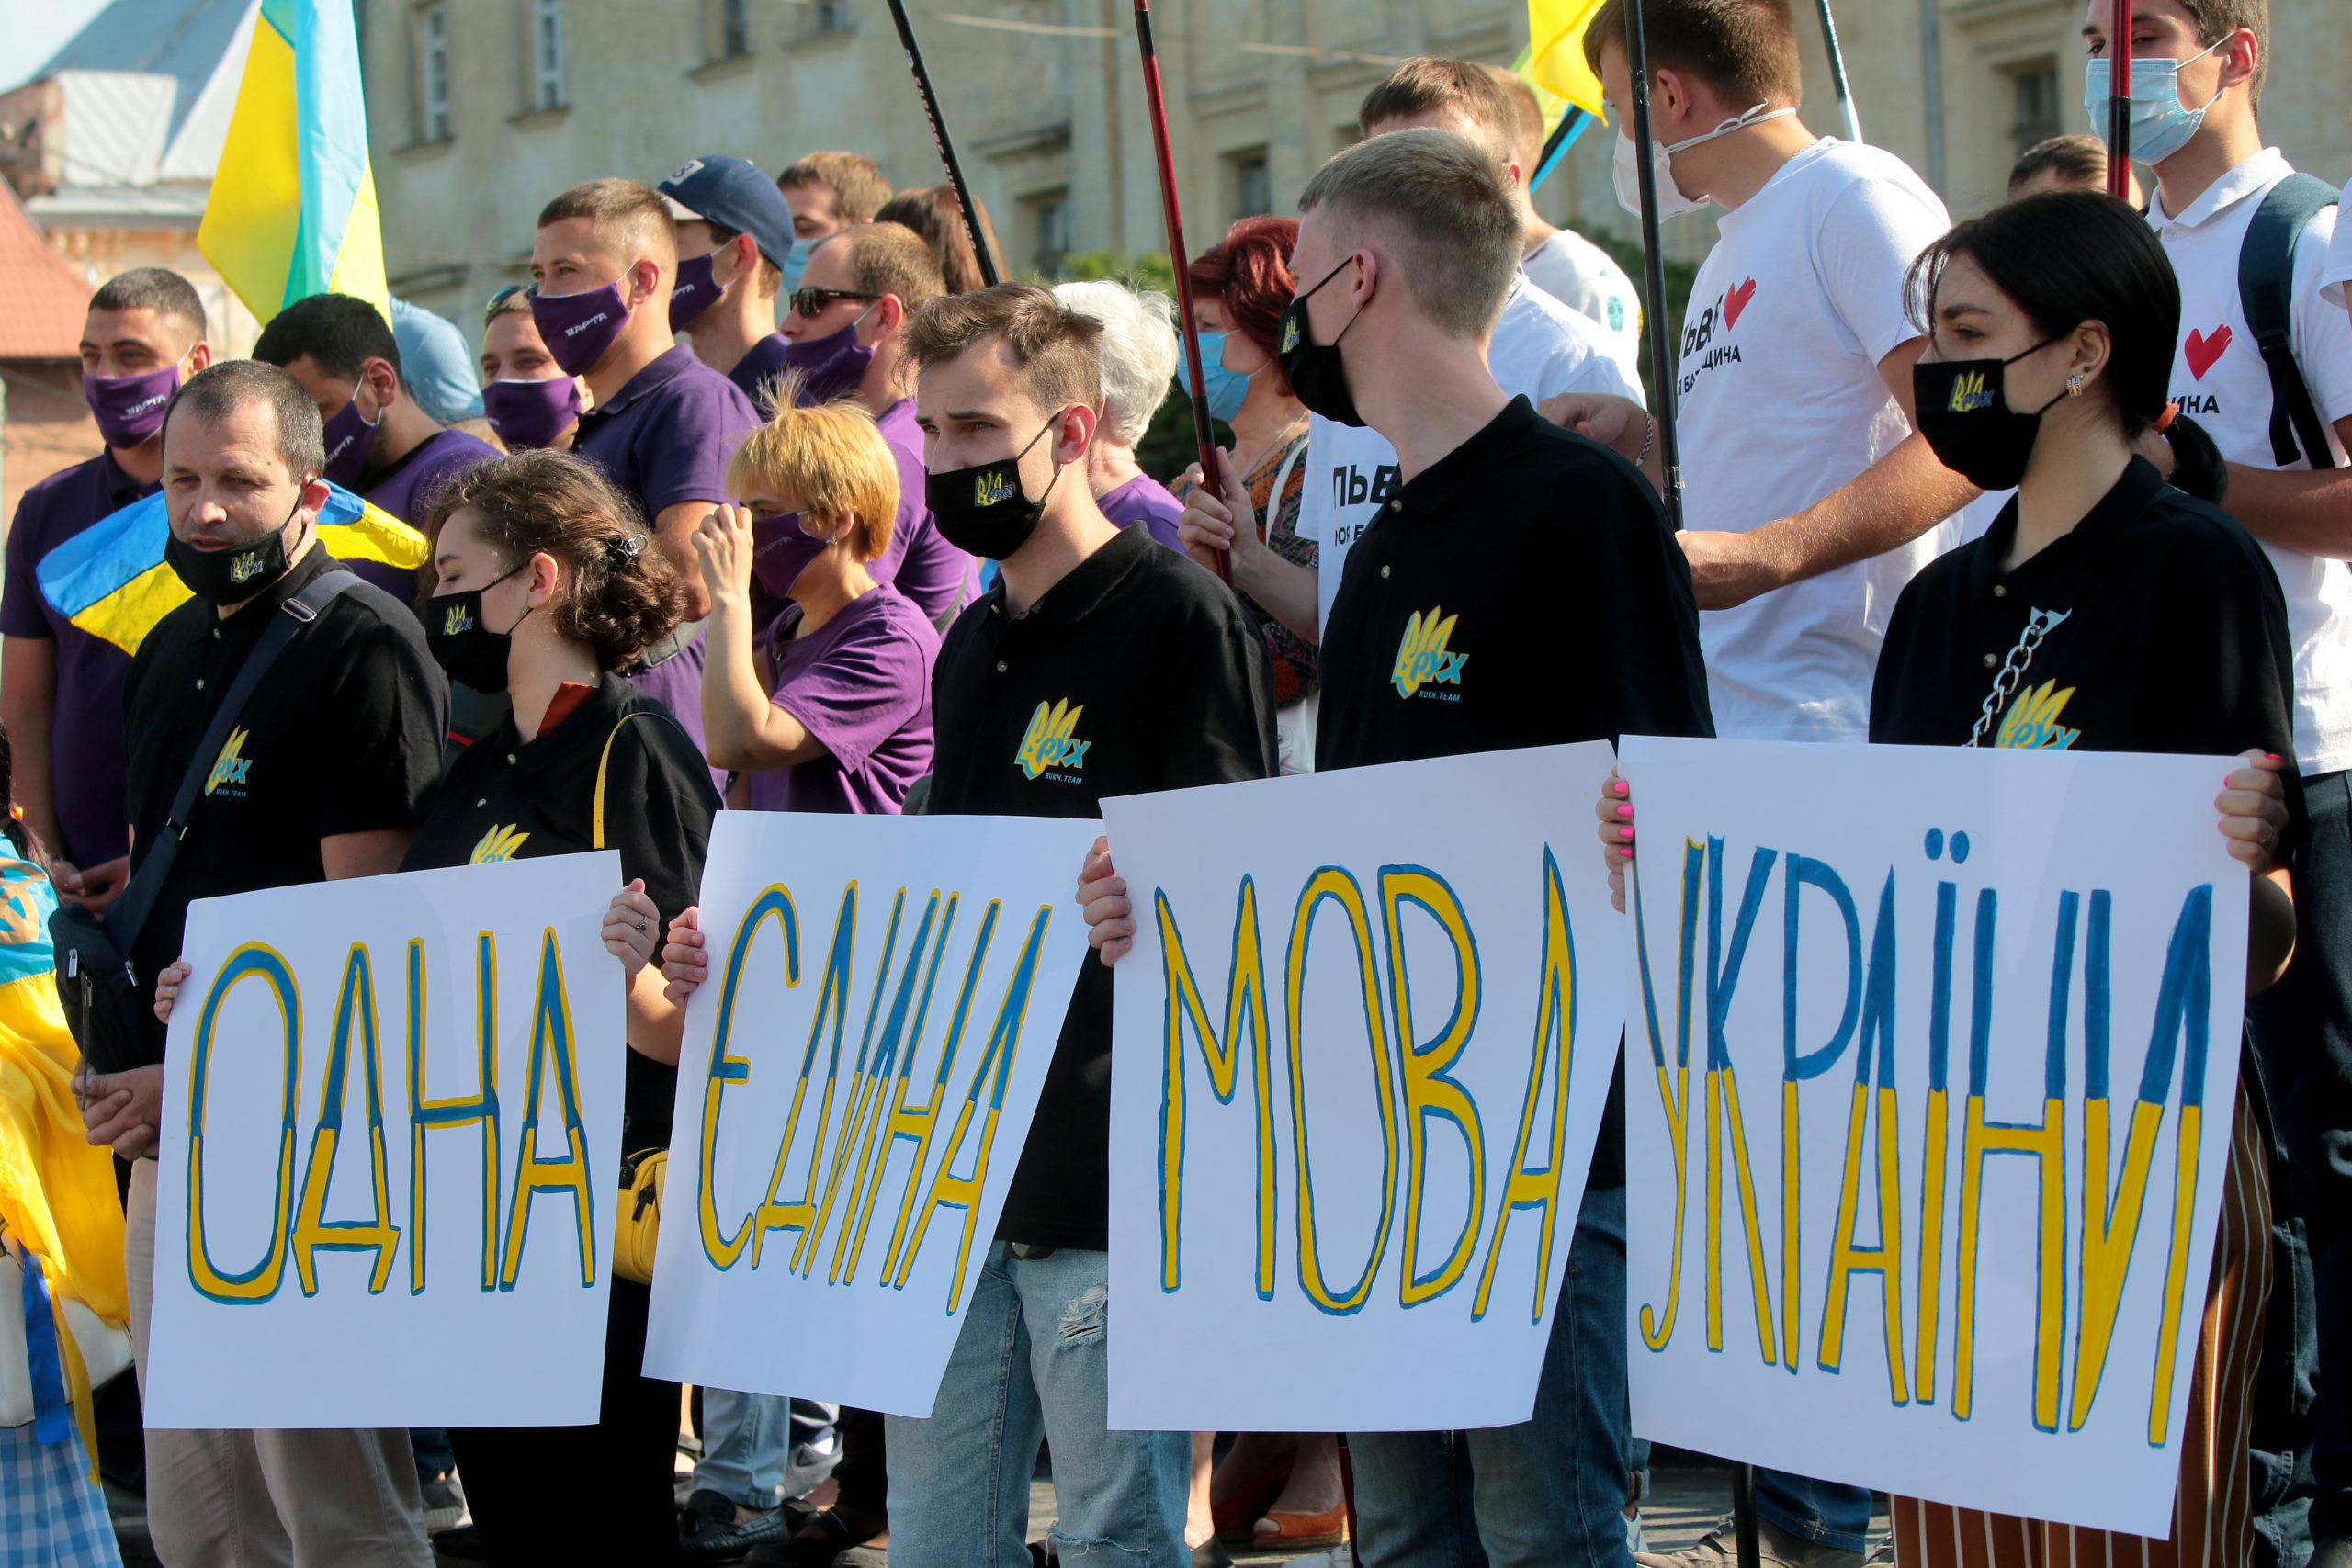 aktsiya-zastupys-za-ukrayinsku-vyhod-na-ploshhu-lviv-16-lypnya-2020-4